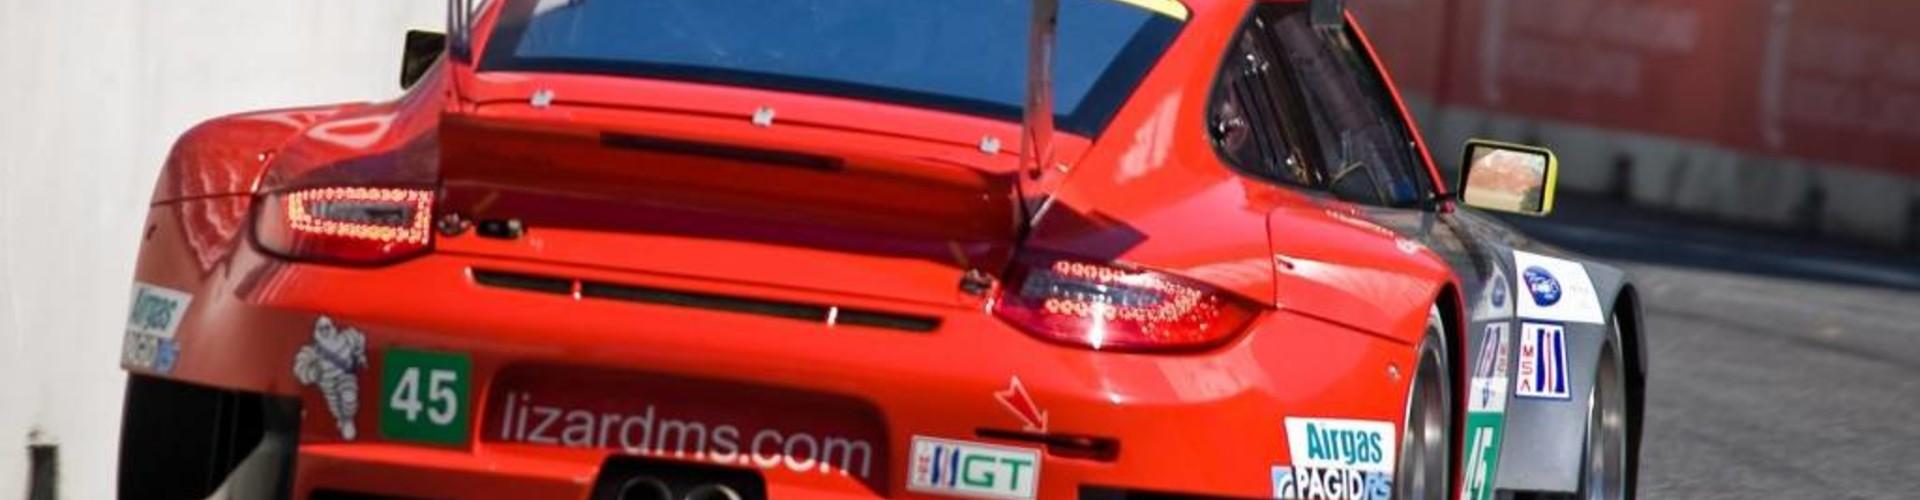 Porsche 911, een inspiratiebron voor kunstenaars